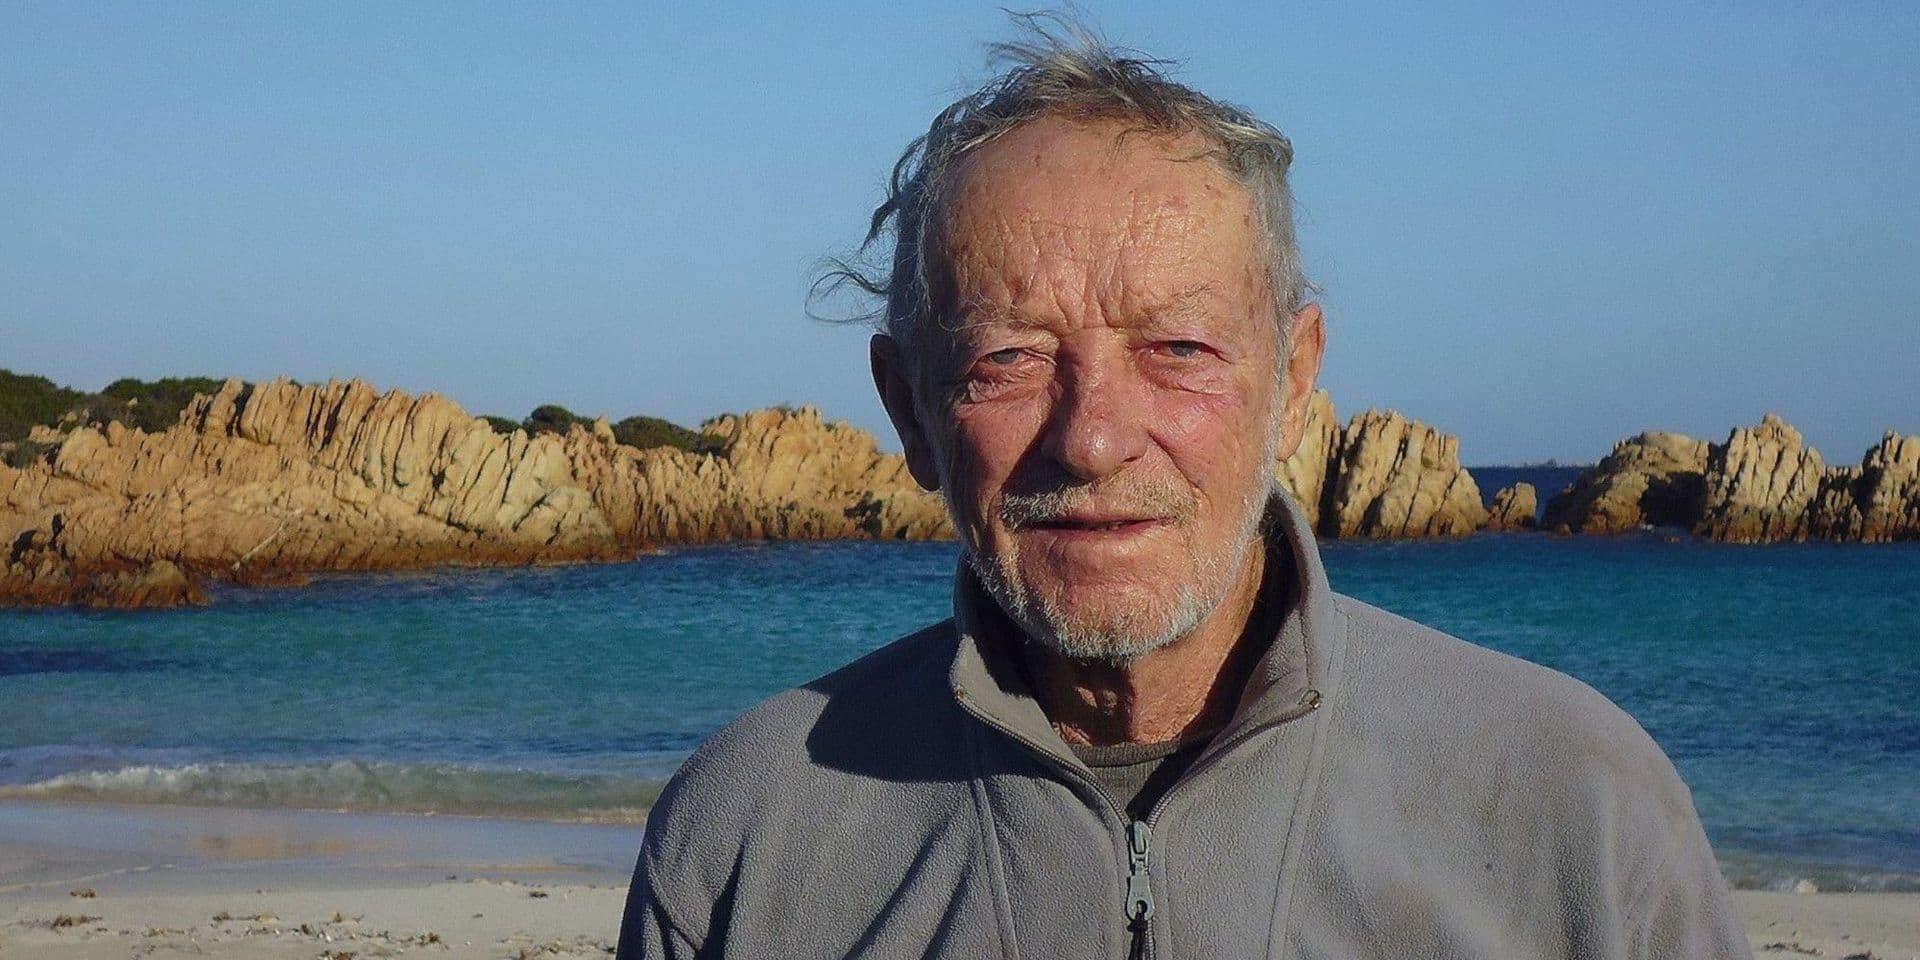 Mauro Morandi, le Robinson Crusoé italien forcé de quitter son île